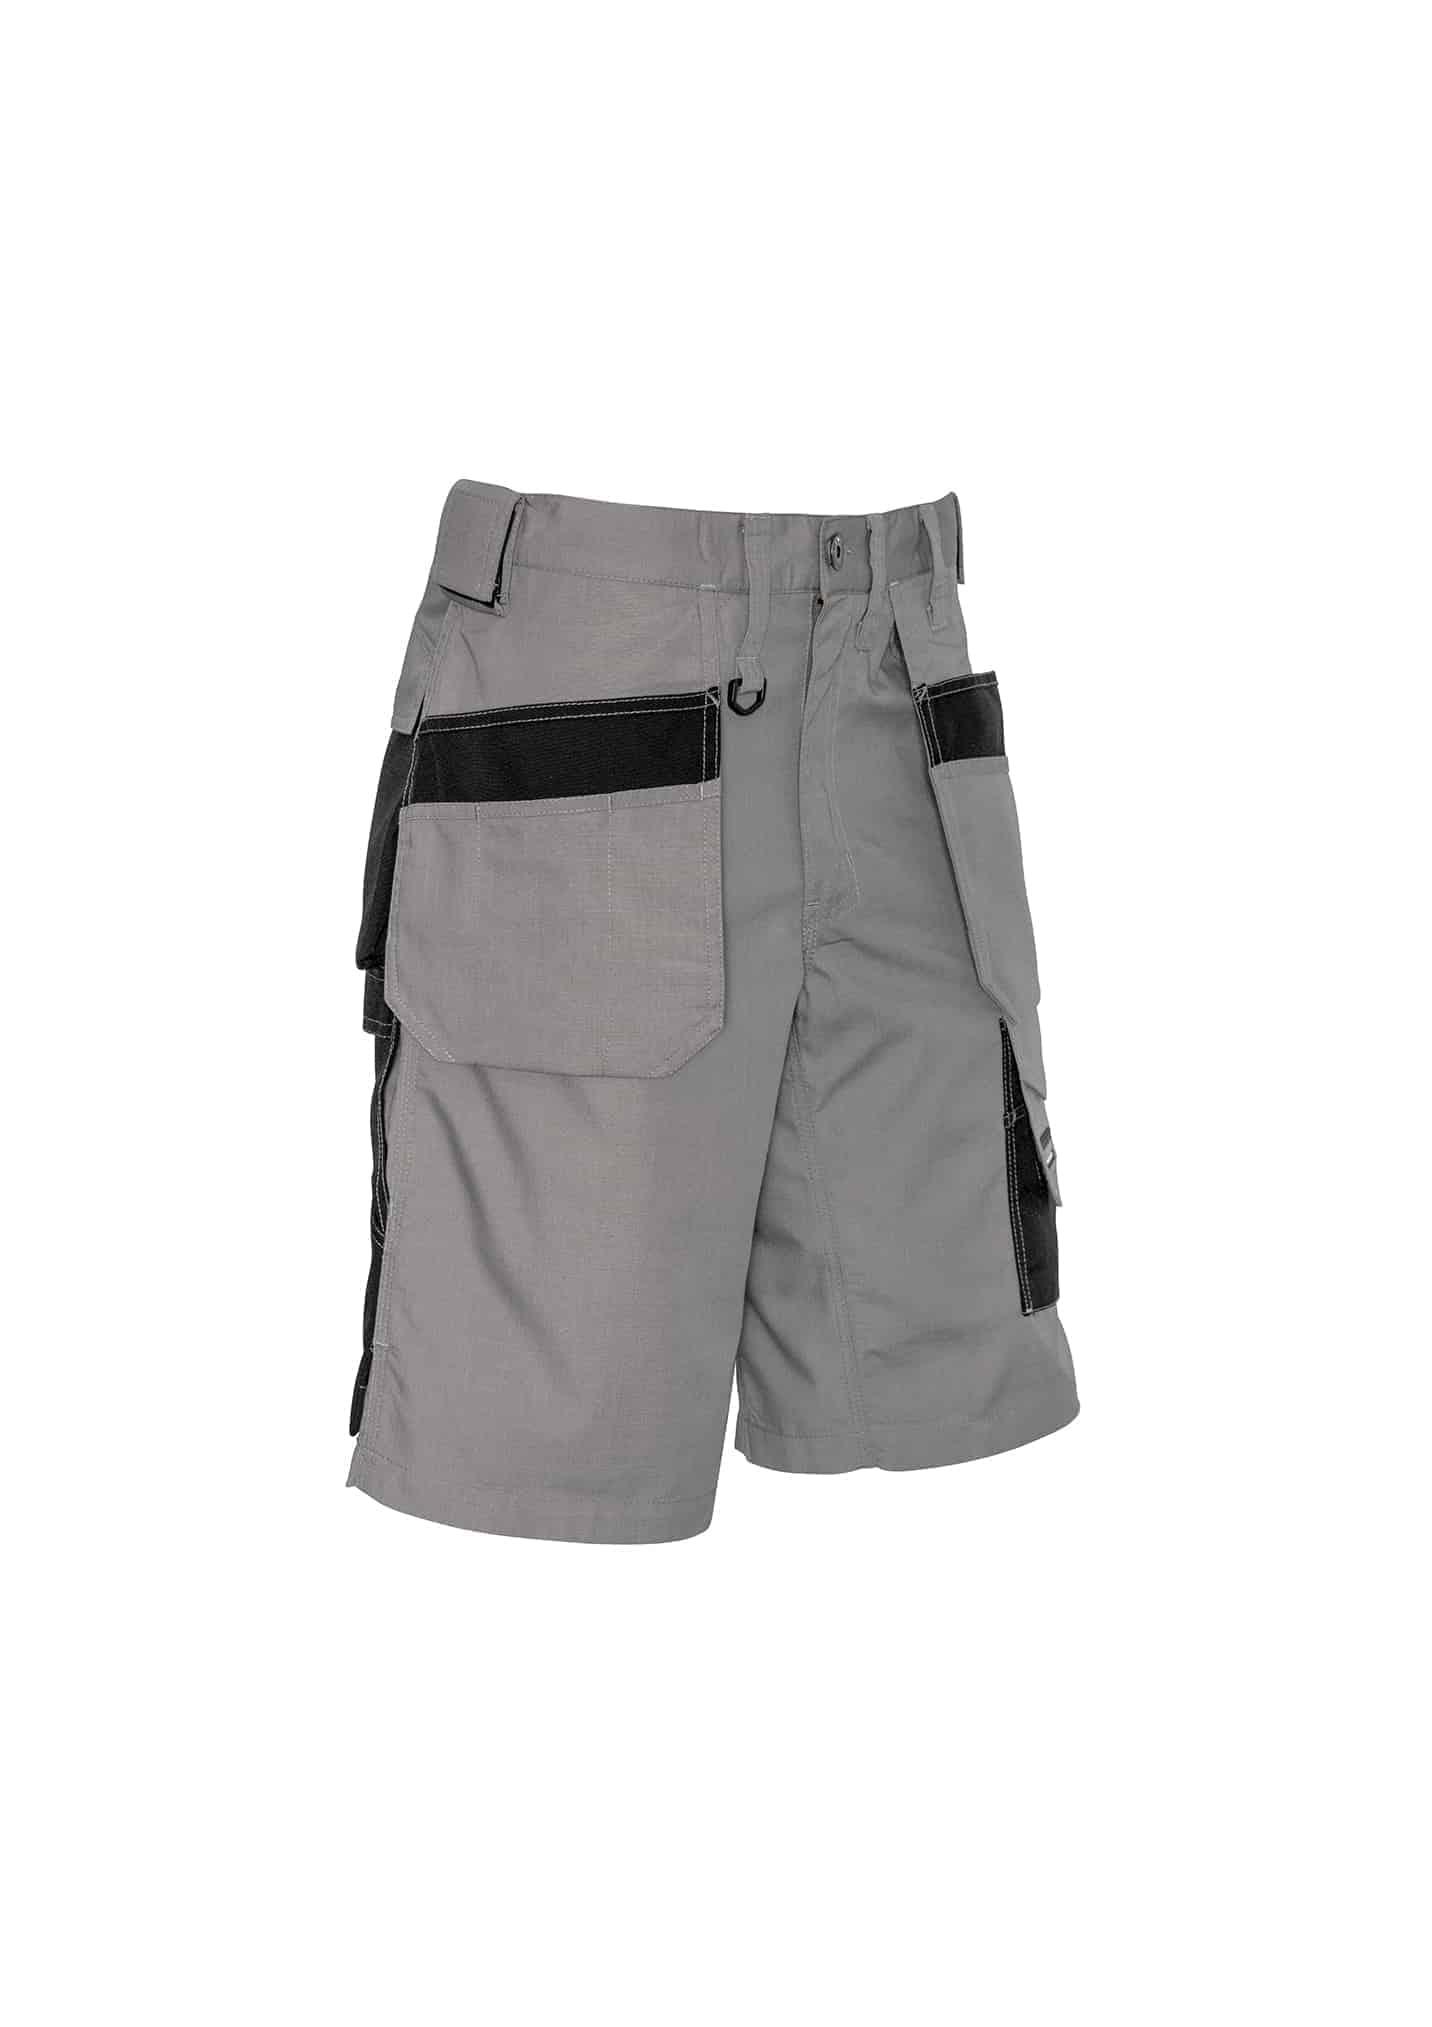 Ultralite Multi-pocket Short